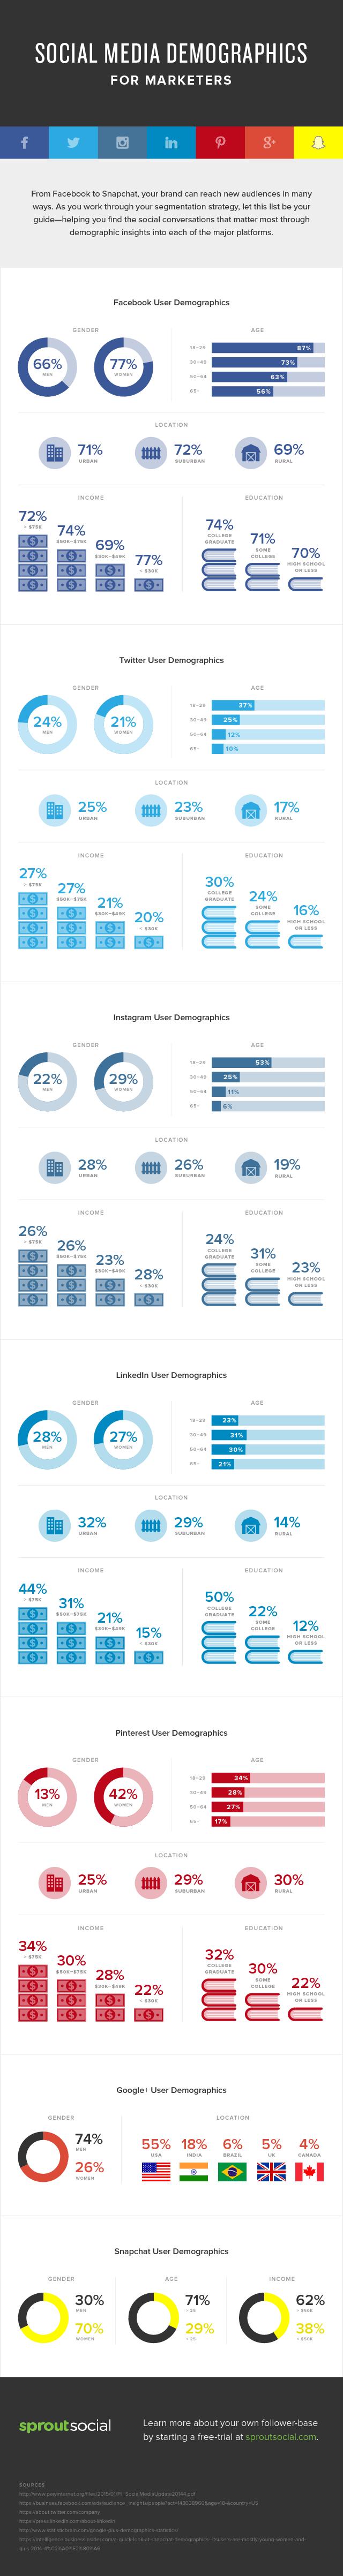 La demografía de los medios sociales, la guía más completa